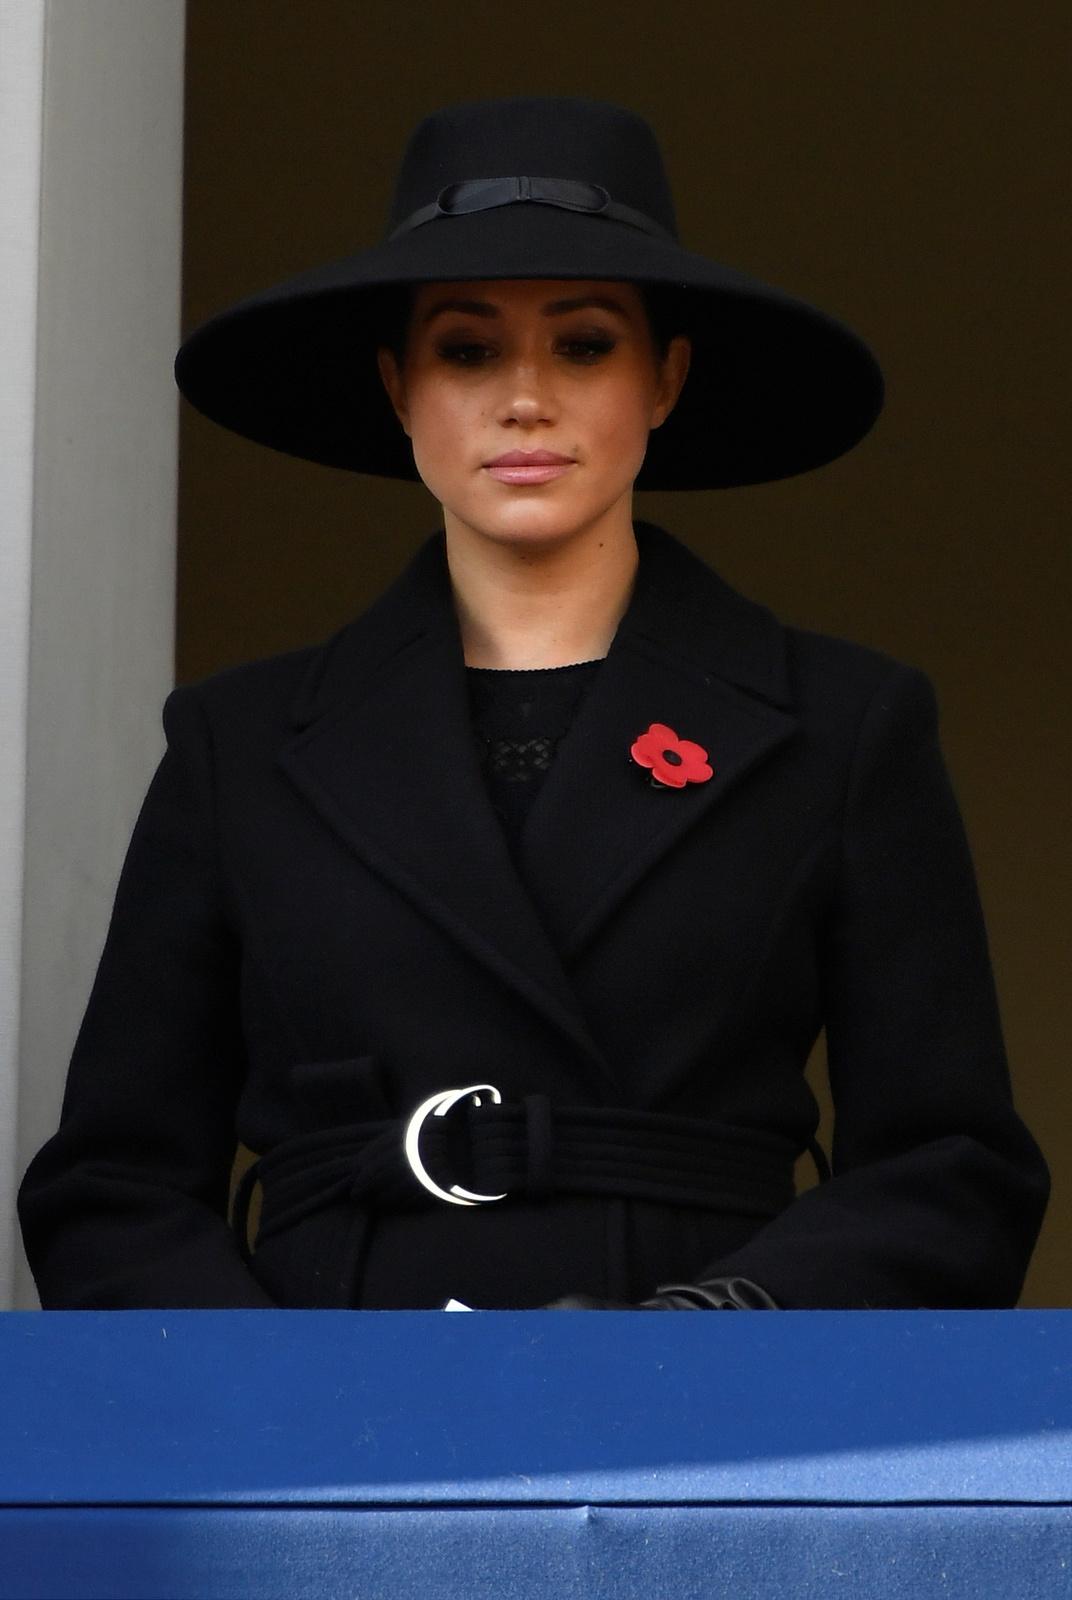 Vévodkyně Meghan na uctění památky válečných veteránů